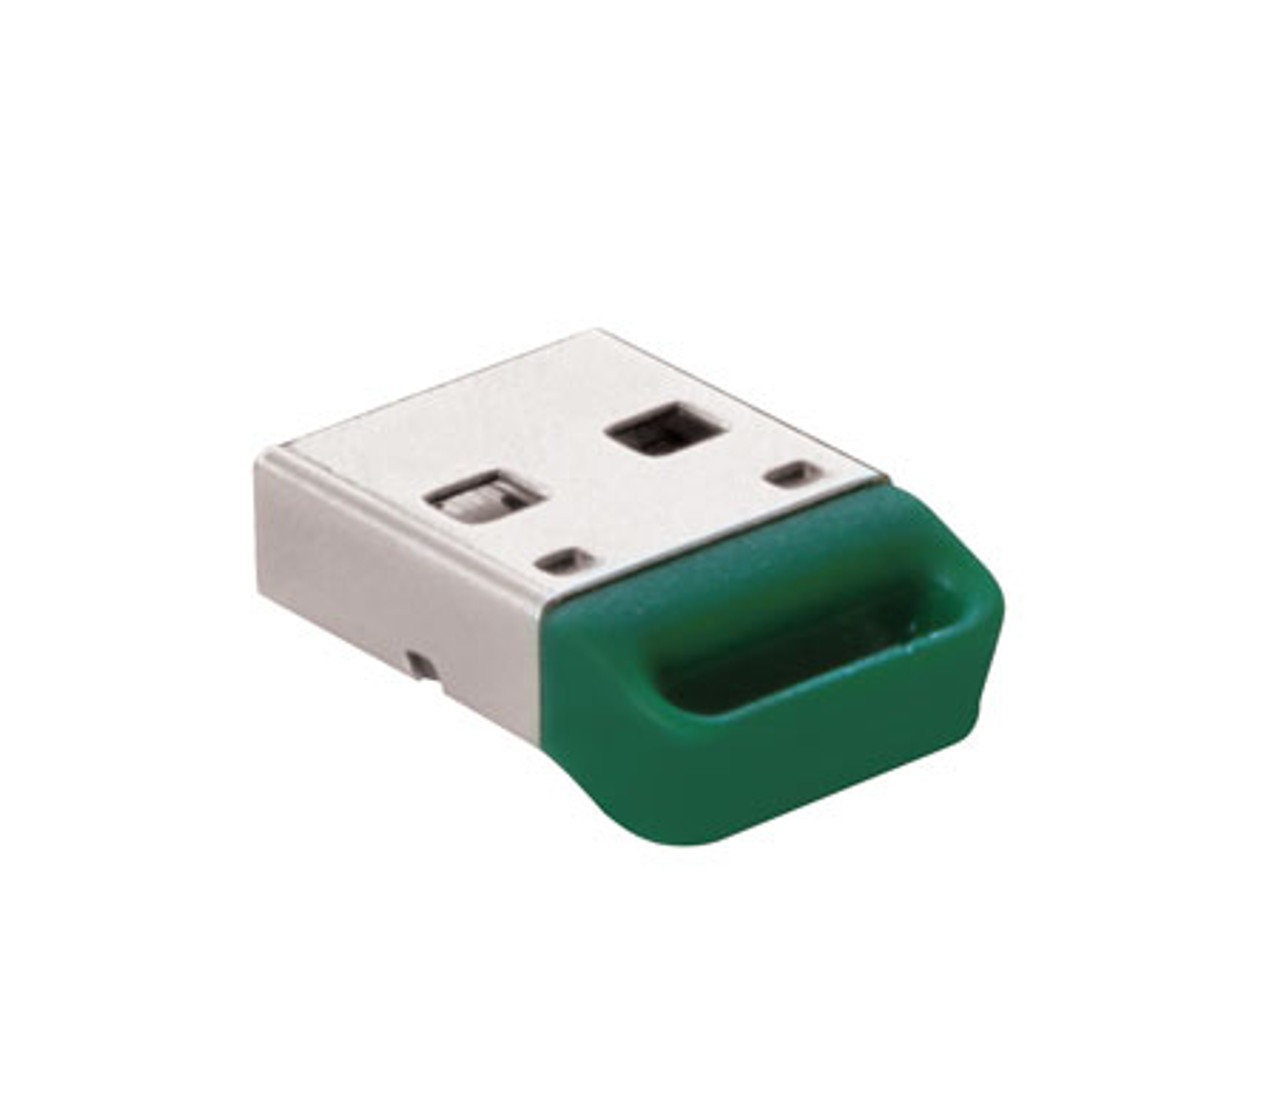 beste authentiek delicate kleuren nieuwe stijl ETCnomad Output Dongle Kit